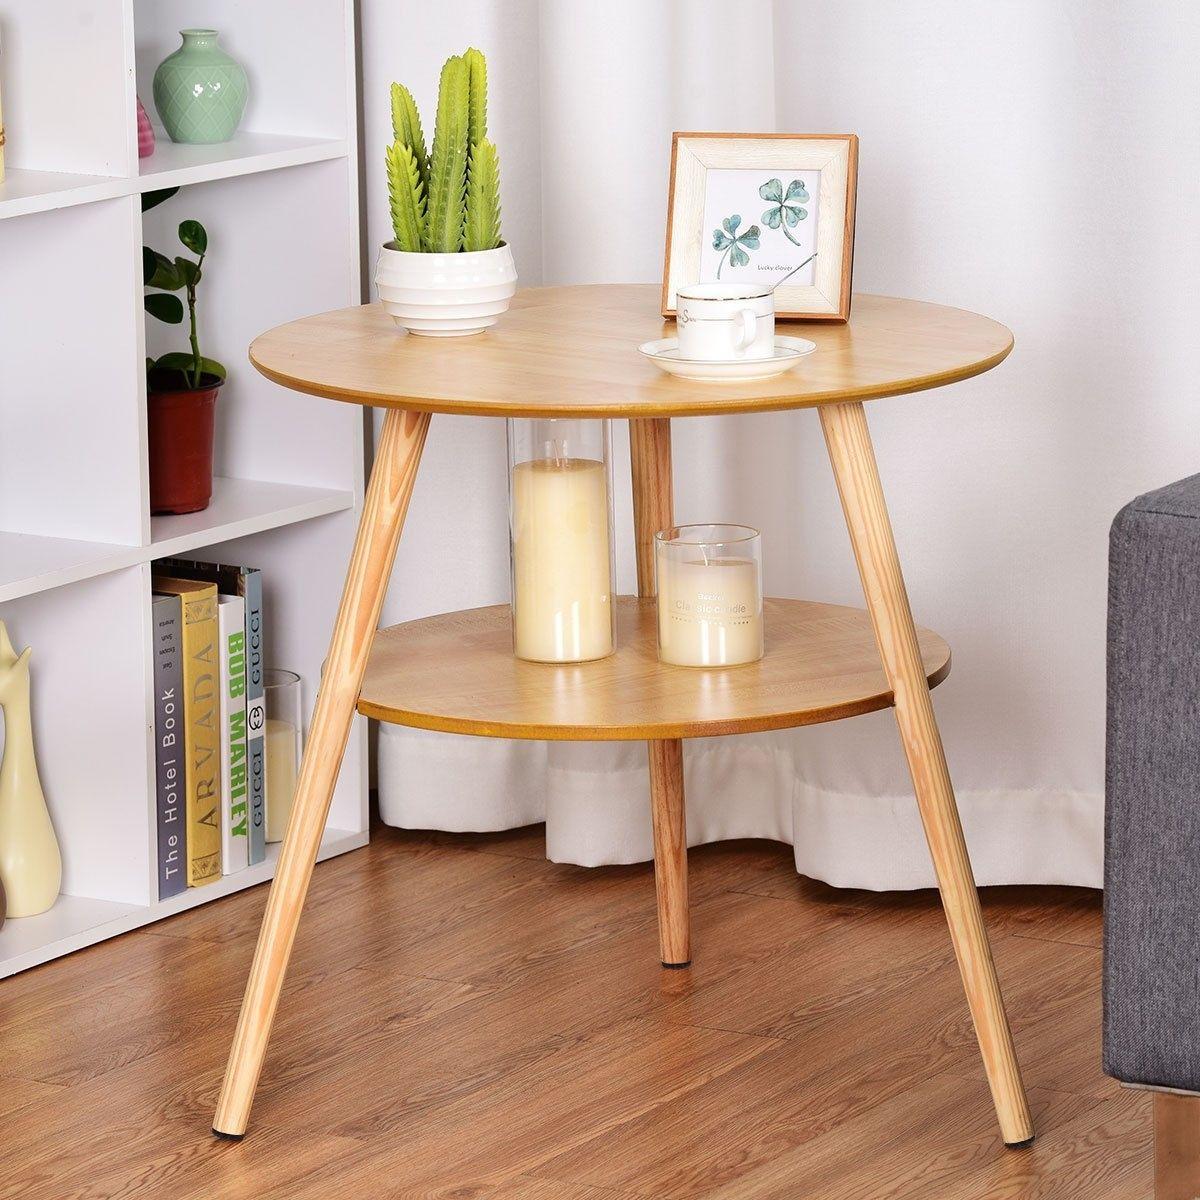 wayfair farmhouse table with bench